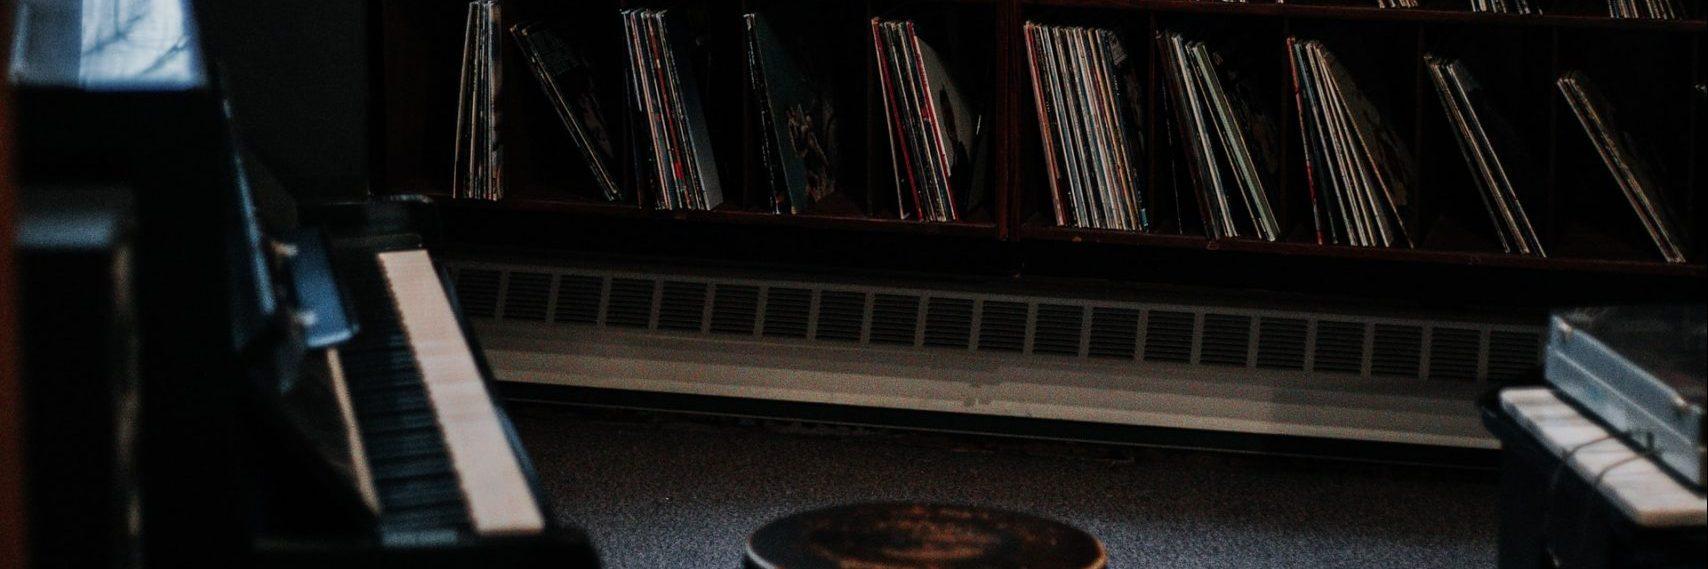 ¿Dónde estaba la música? es un relato escrito por Miguel Rodríguez Echeandía que trata sobre un mundo sin música.